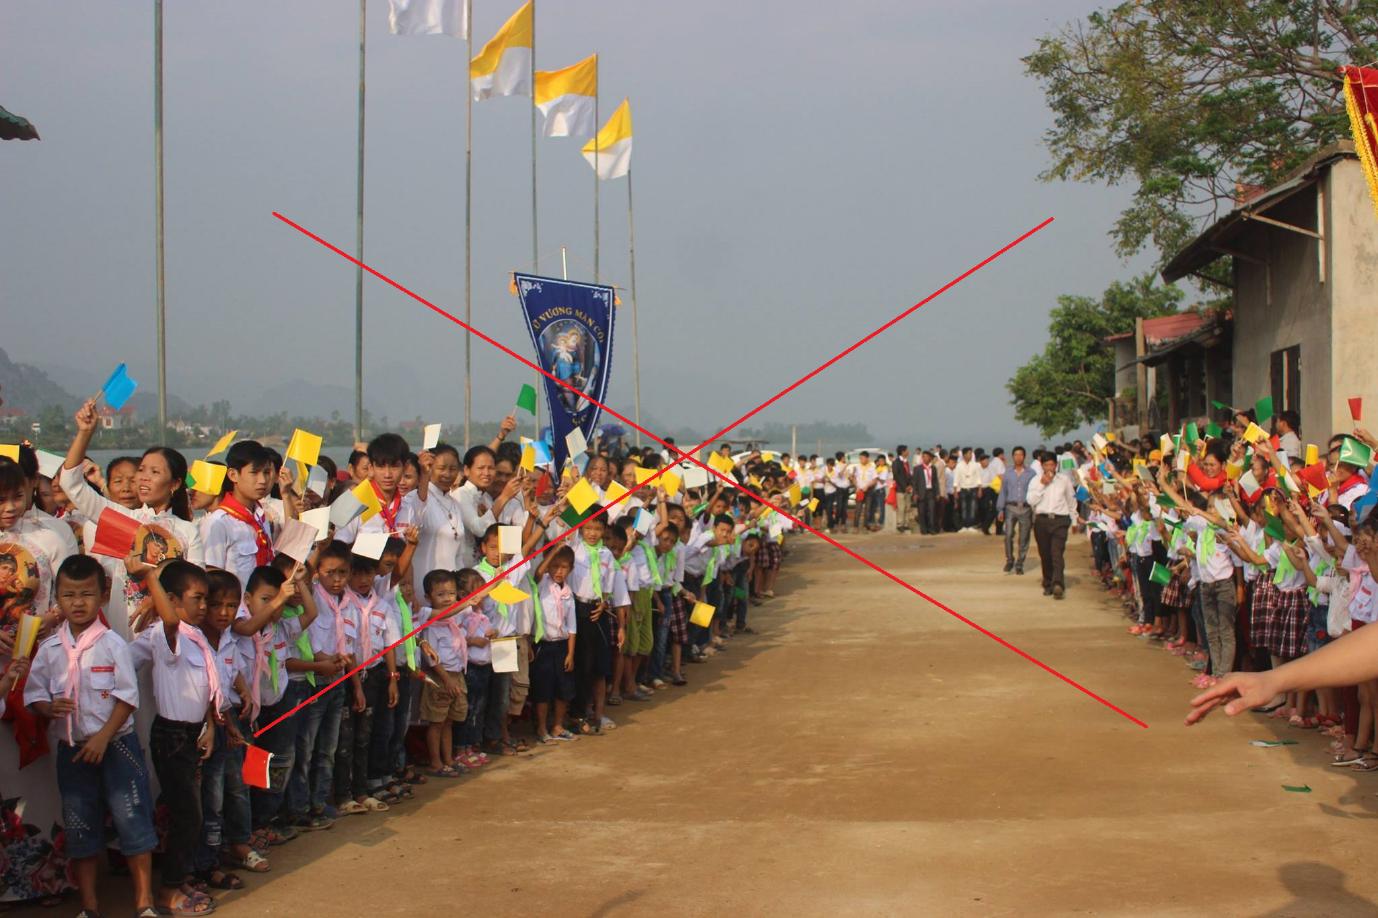 giáo xứ Liên Hoà, thị xã Ba Đồn, tỉnh Quảng Bình